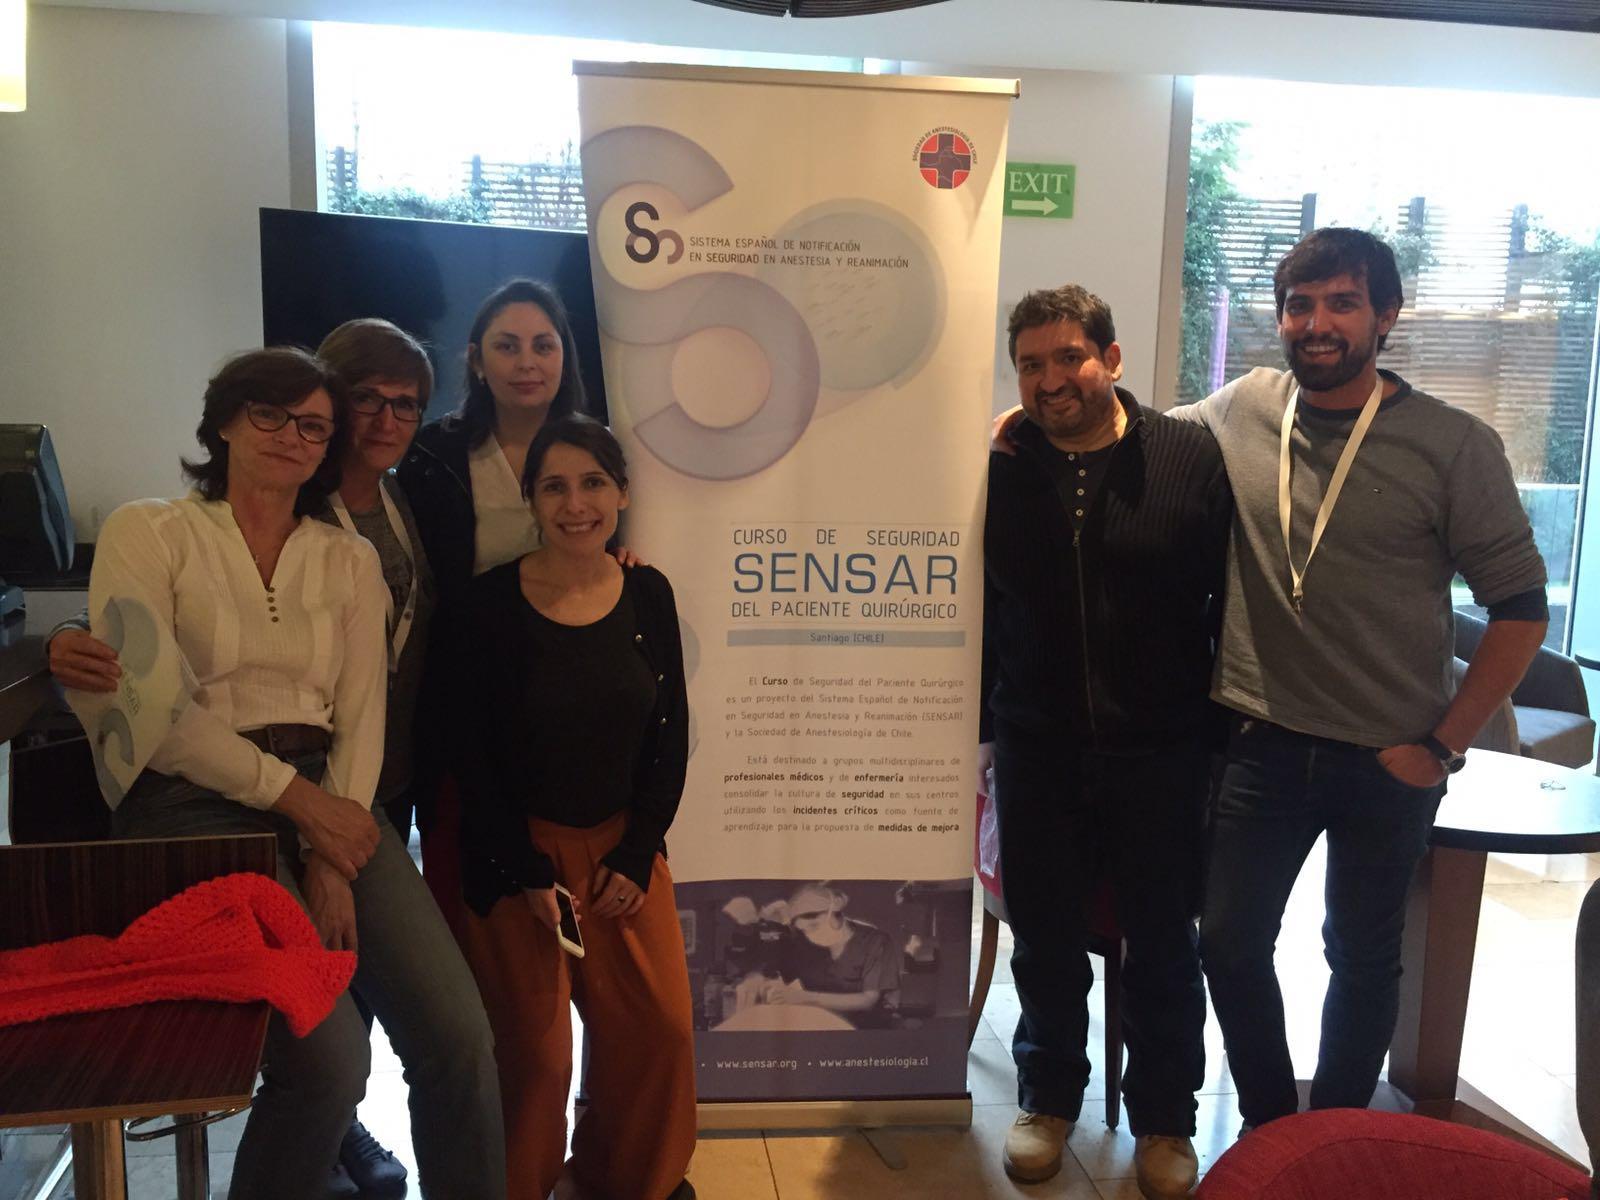 Todo listo para el Curso de Seguridad del Paciente en Santiago de Chile